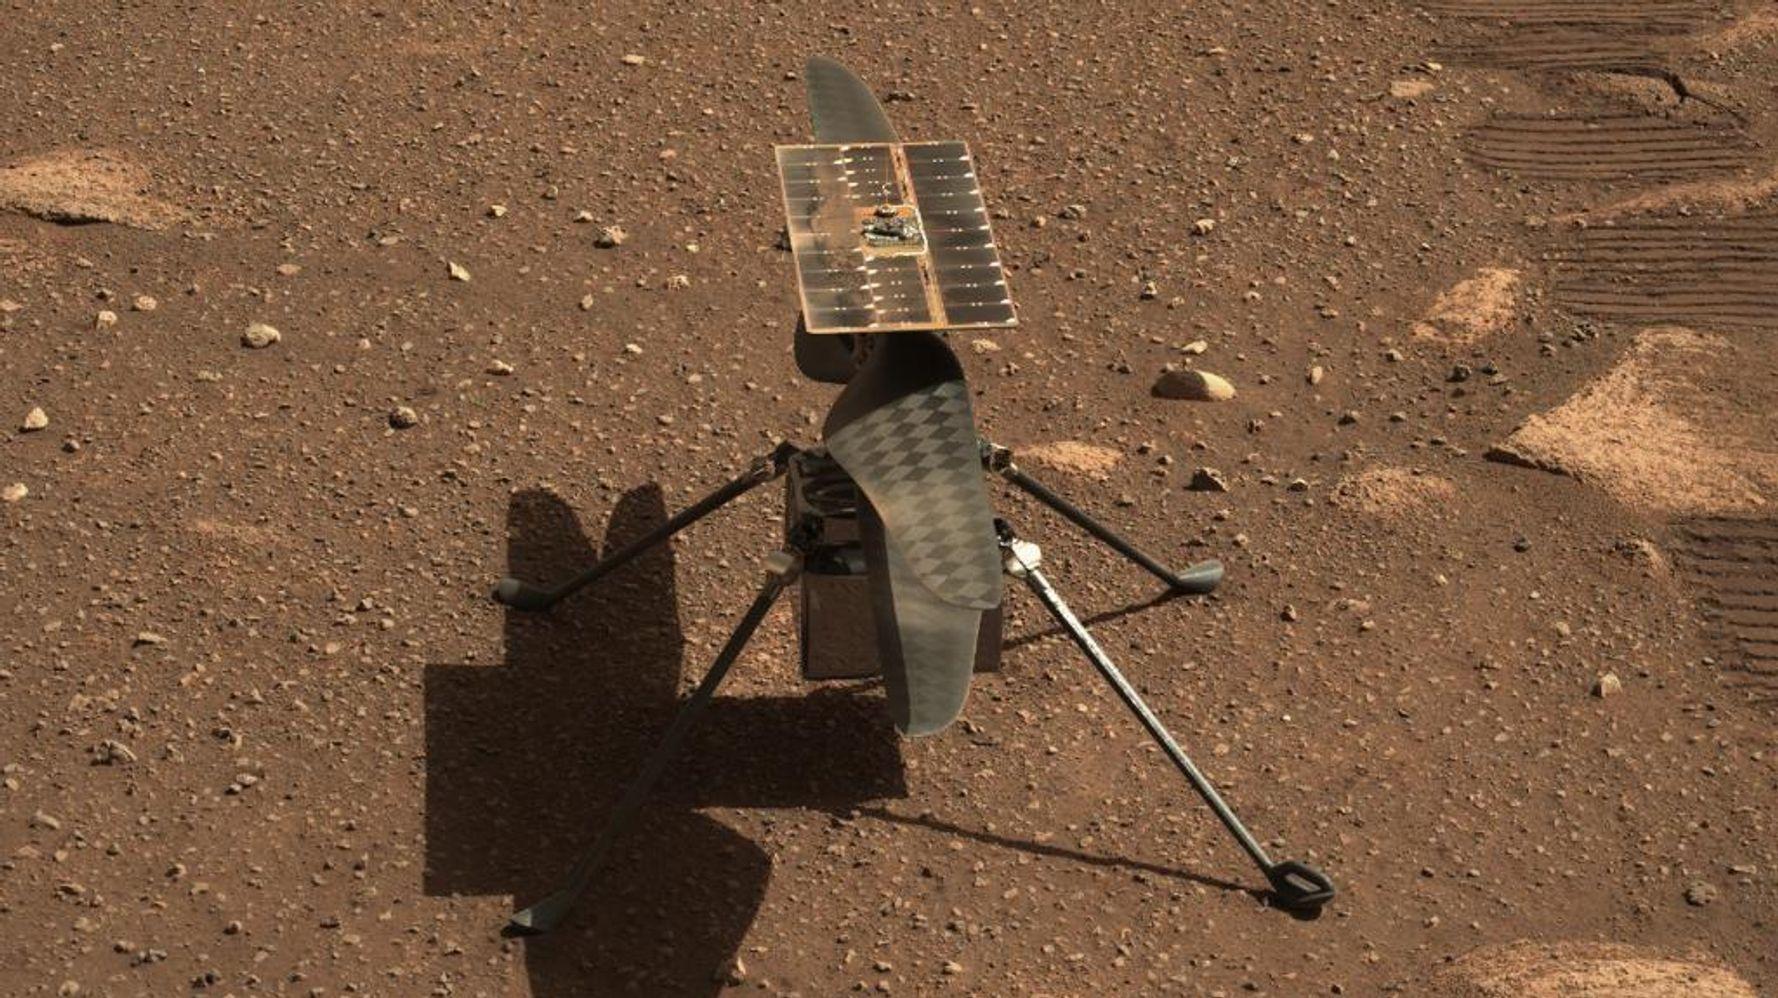 Le vol de l'hélicoptère Ingenuity sur Mars retardé à cause d'un problème technique